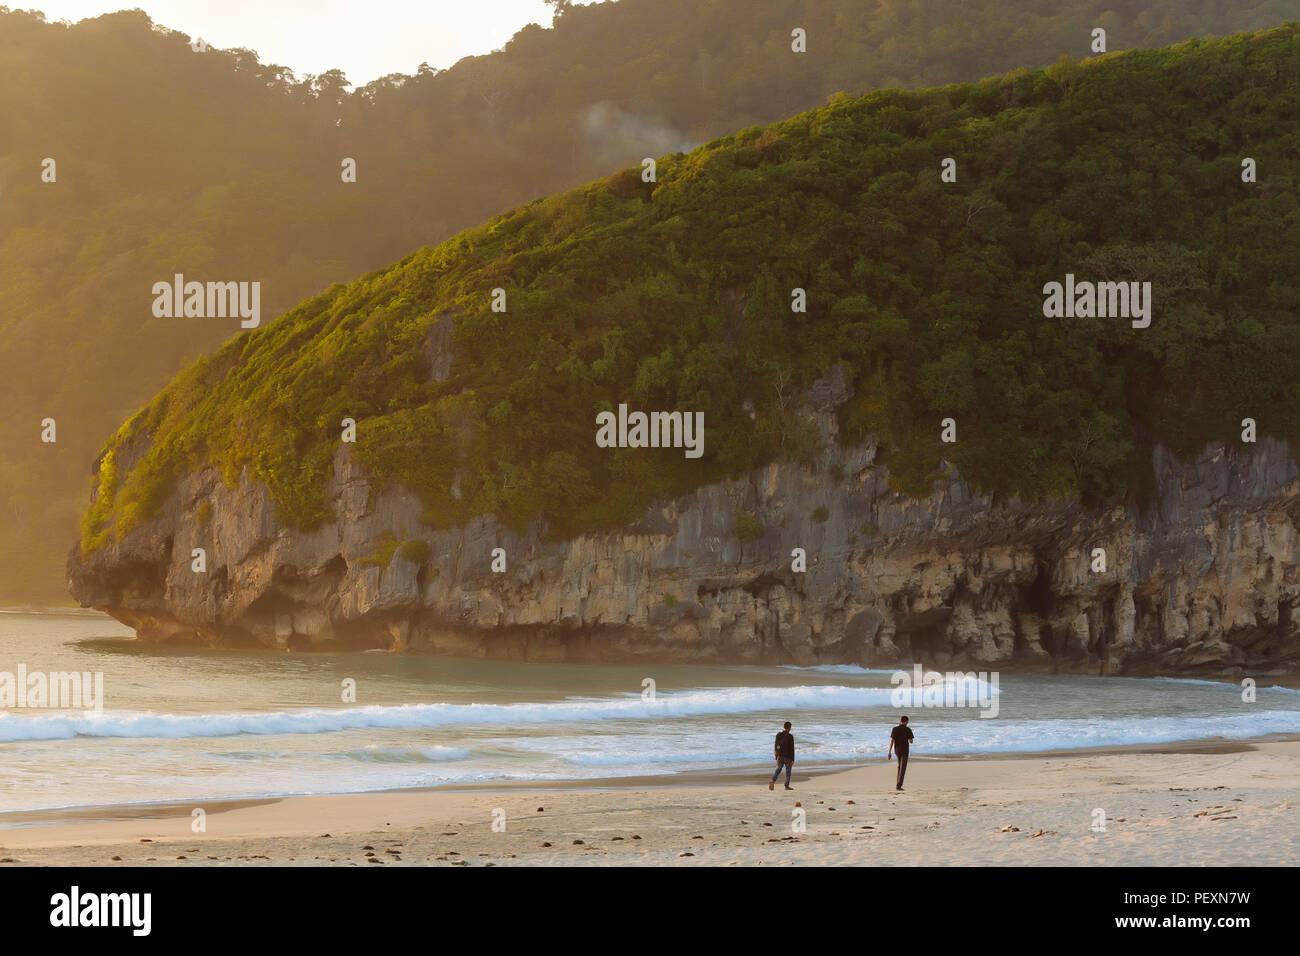 La spiaggia e le montagne, Banda Aceh e Sumatra, Indonesia Immagini Stock